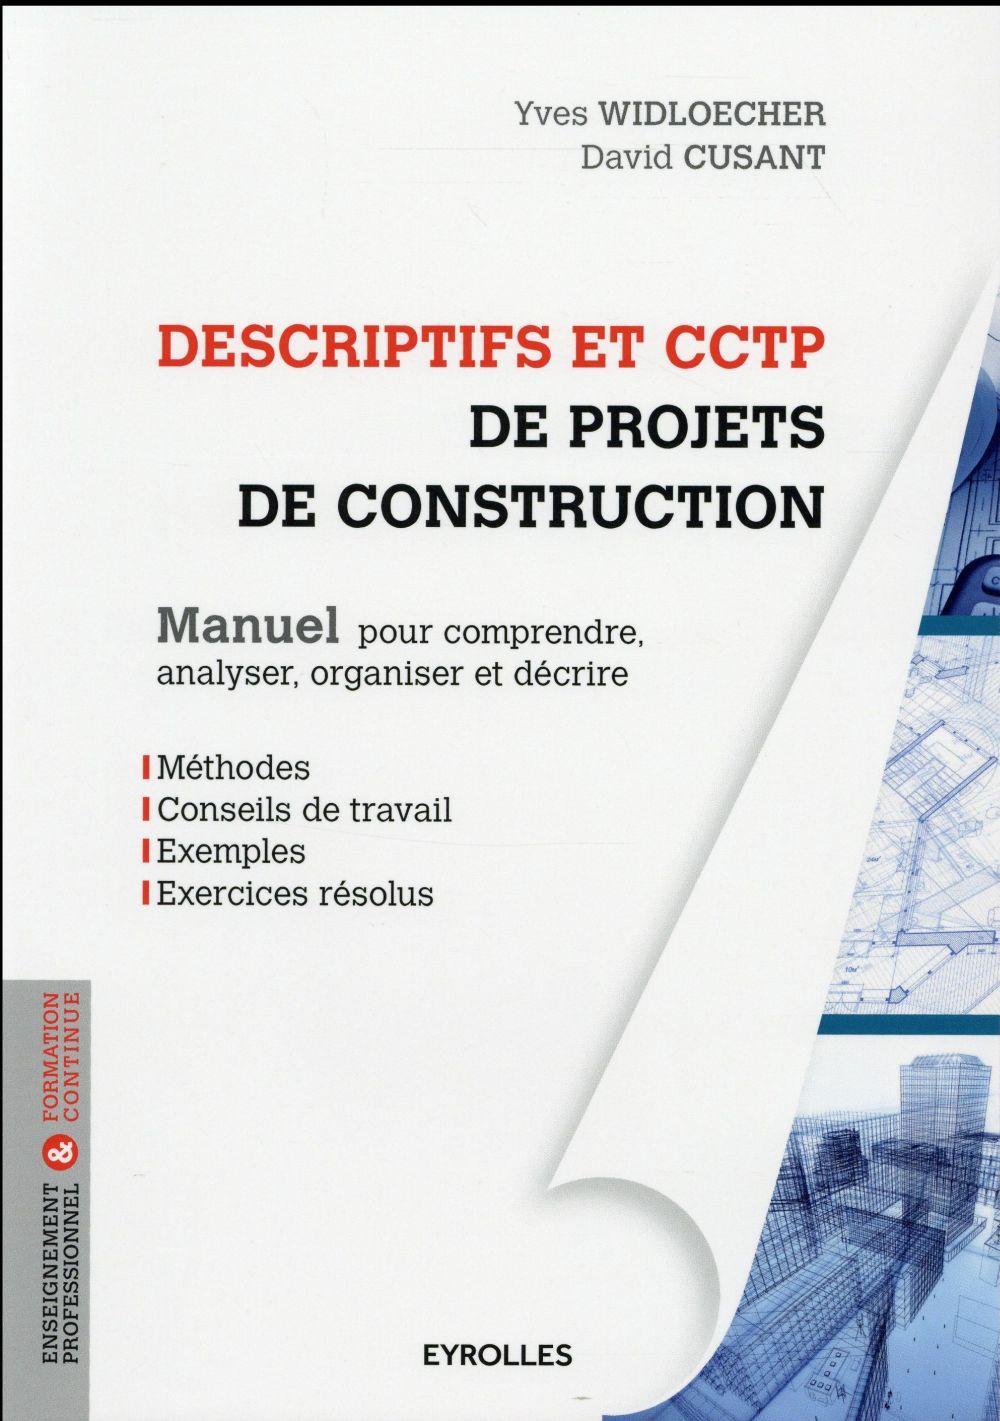 manuel de construction de la piste de roulement